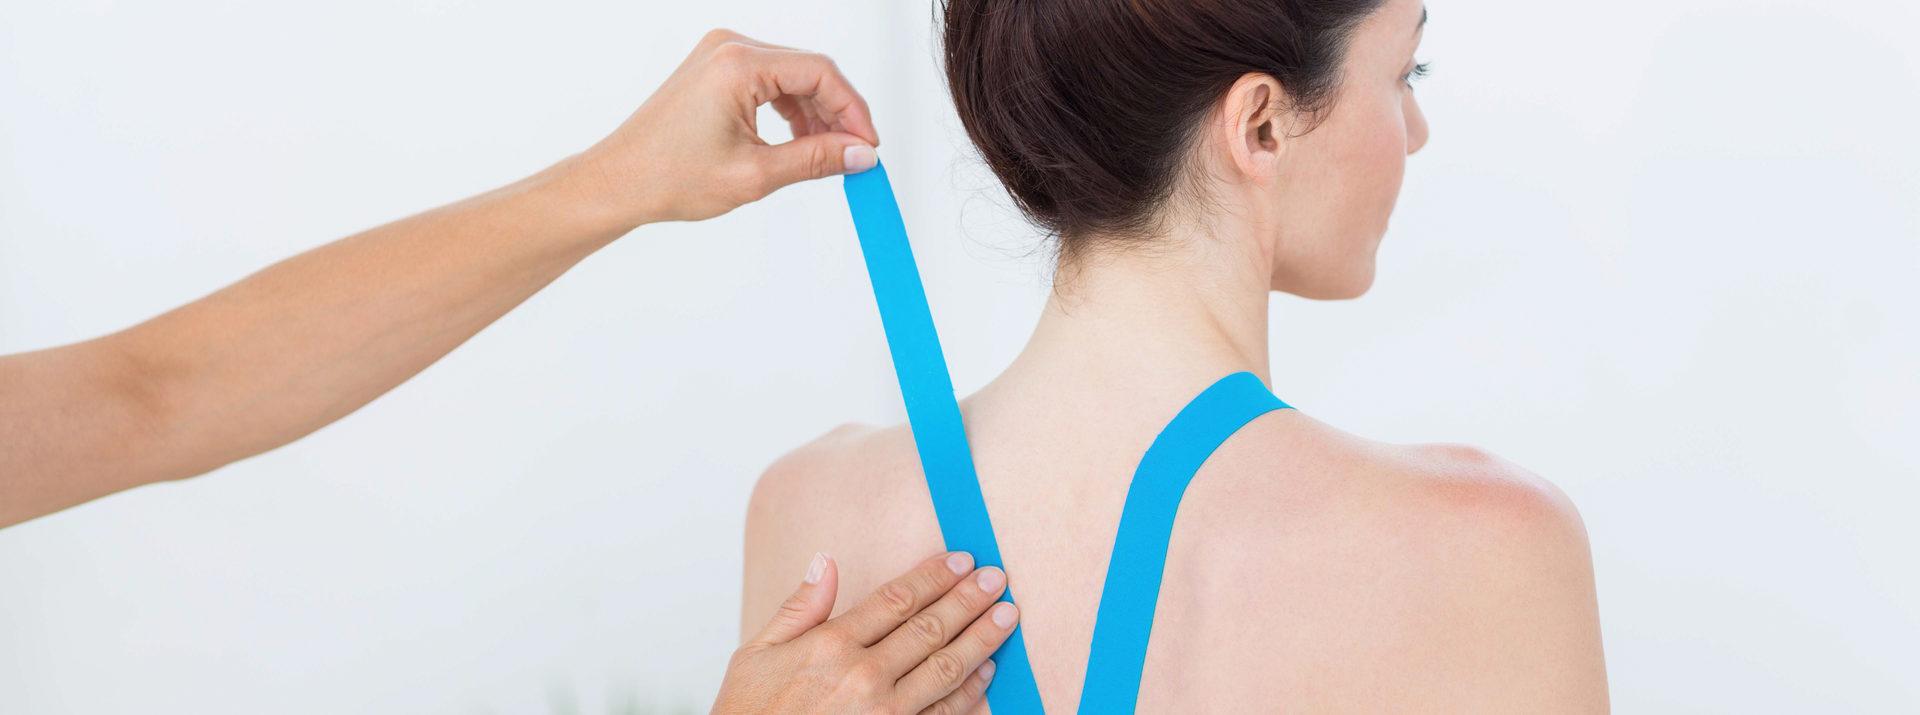 sposobem na zmniejszenie bólu